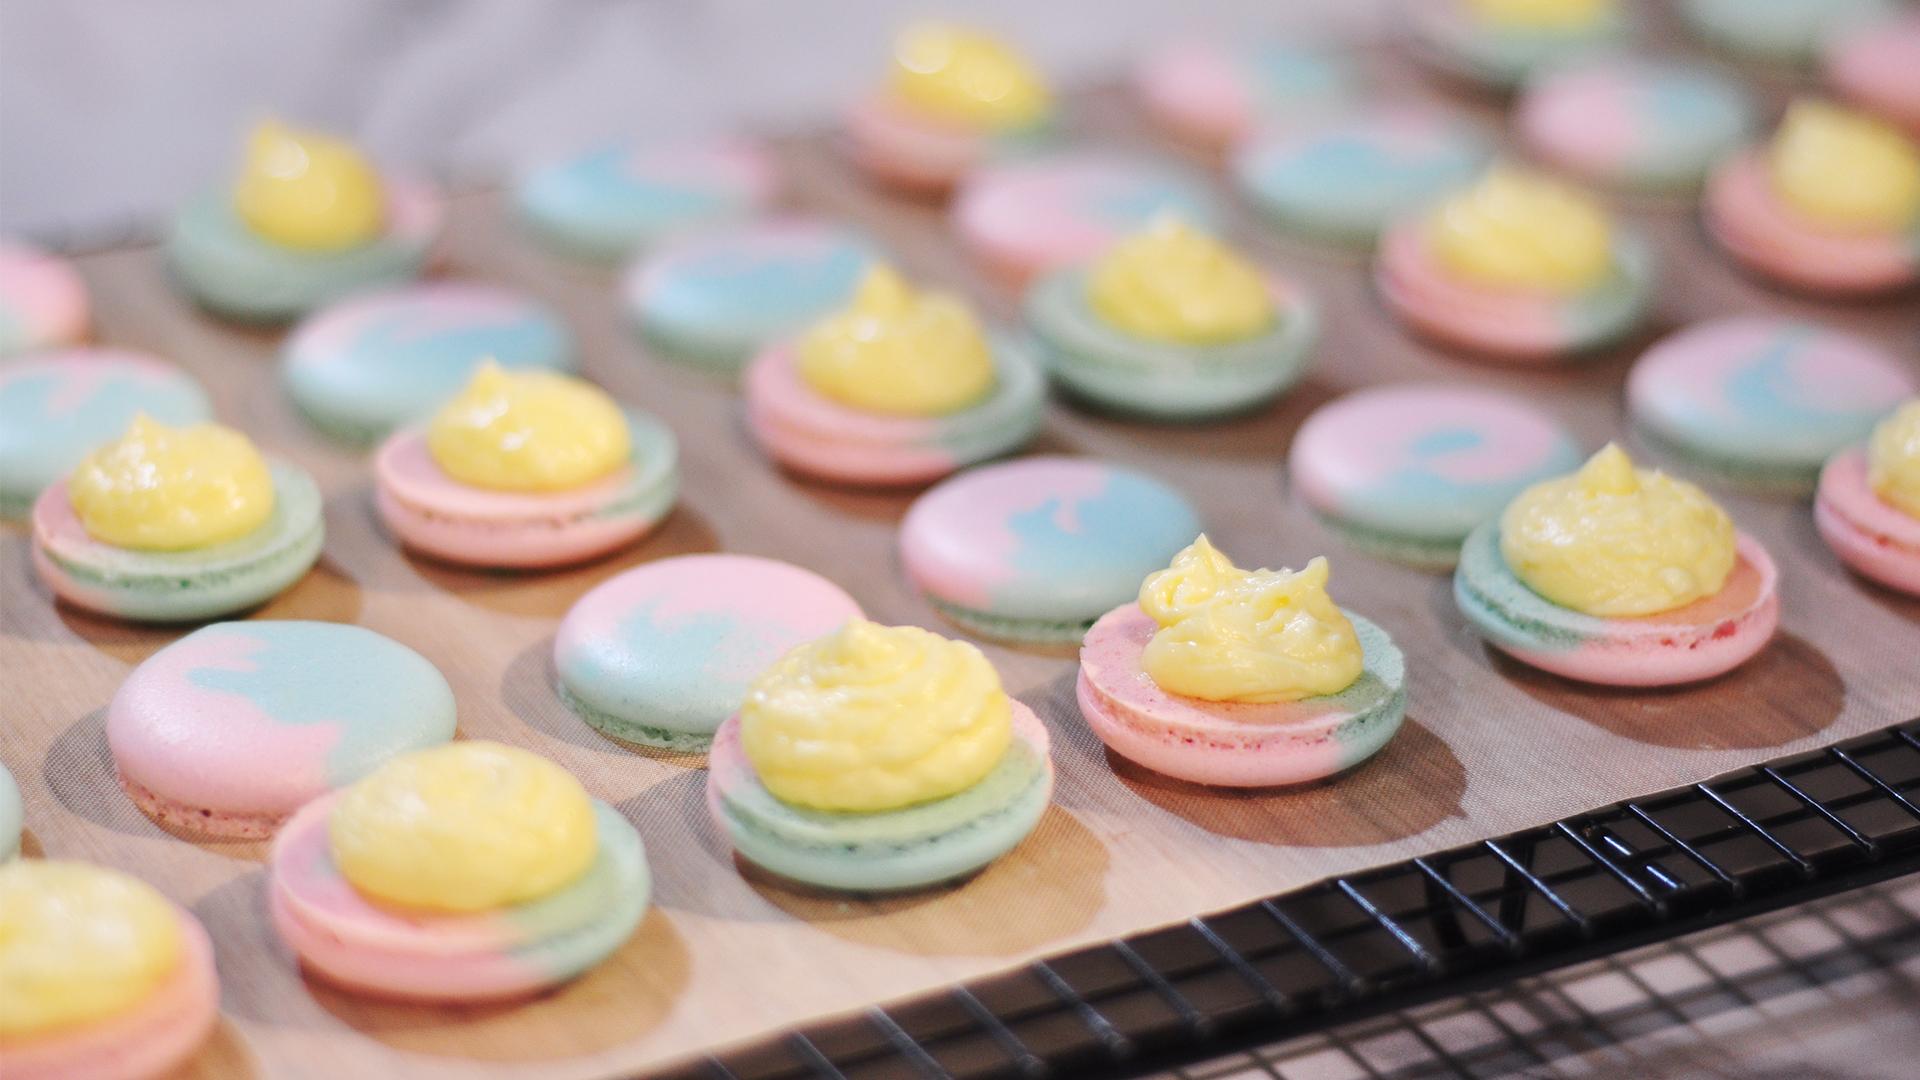 【Mr.Plate 盤盤|馬卡龍教學開箱】不甜膩的營養食譜,美味一次上手